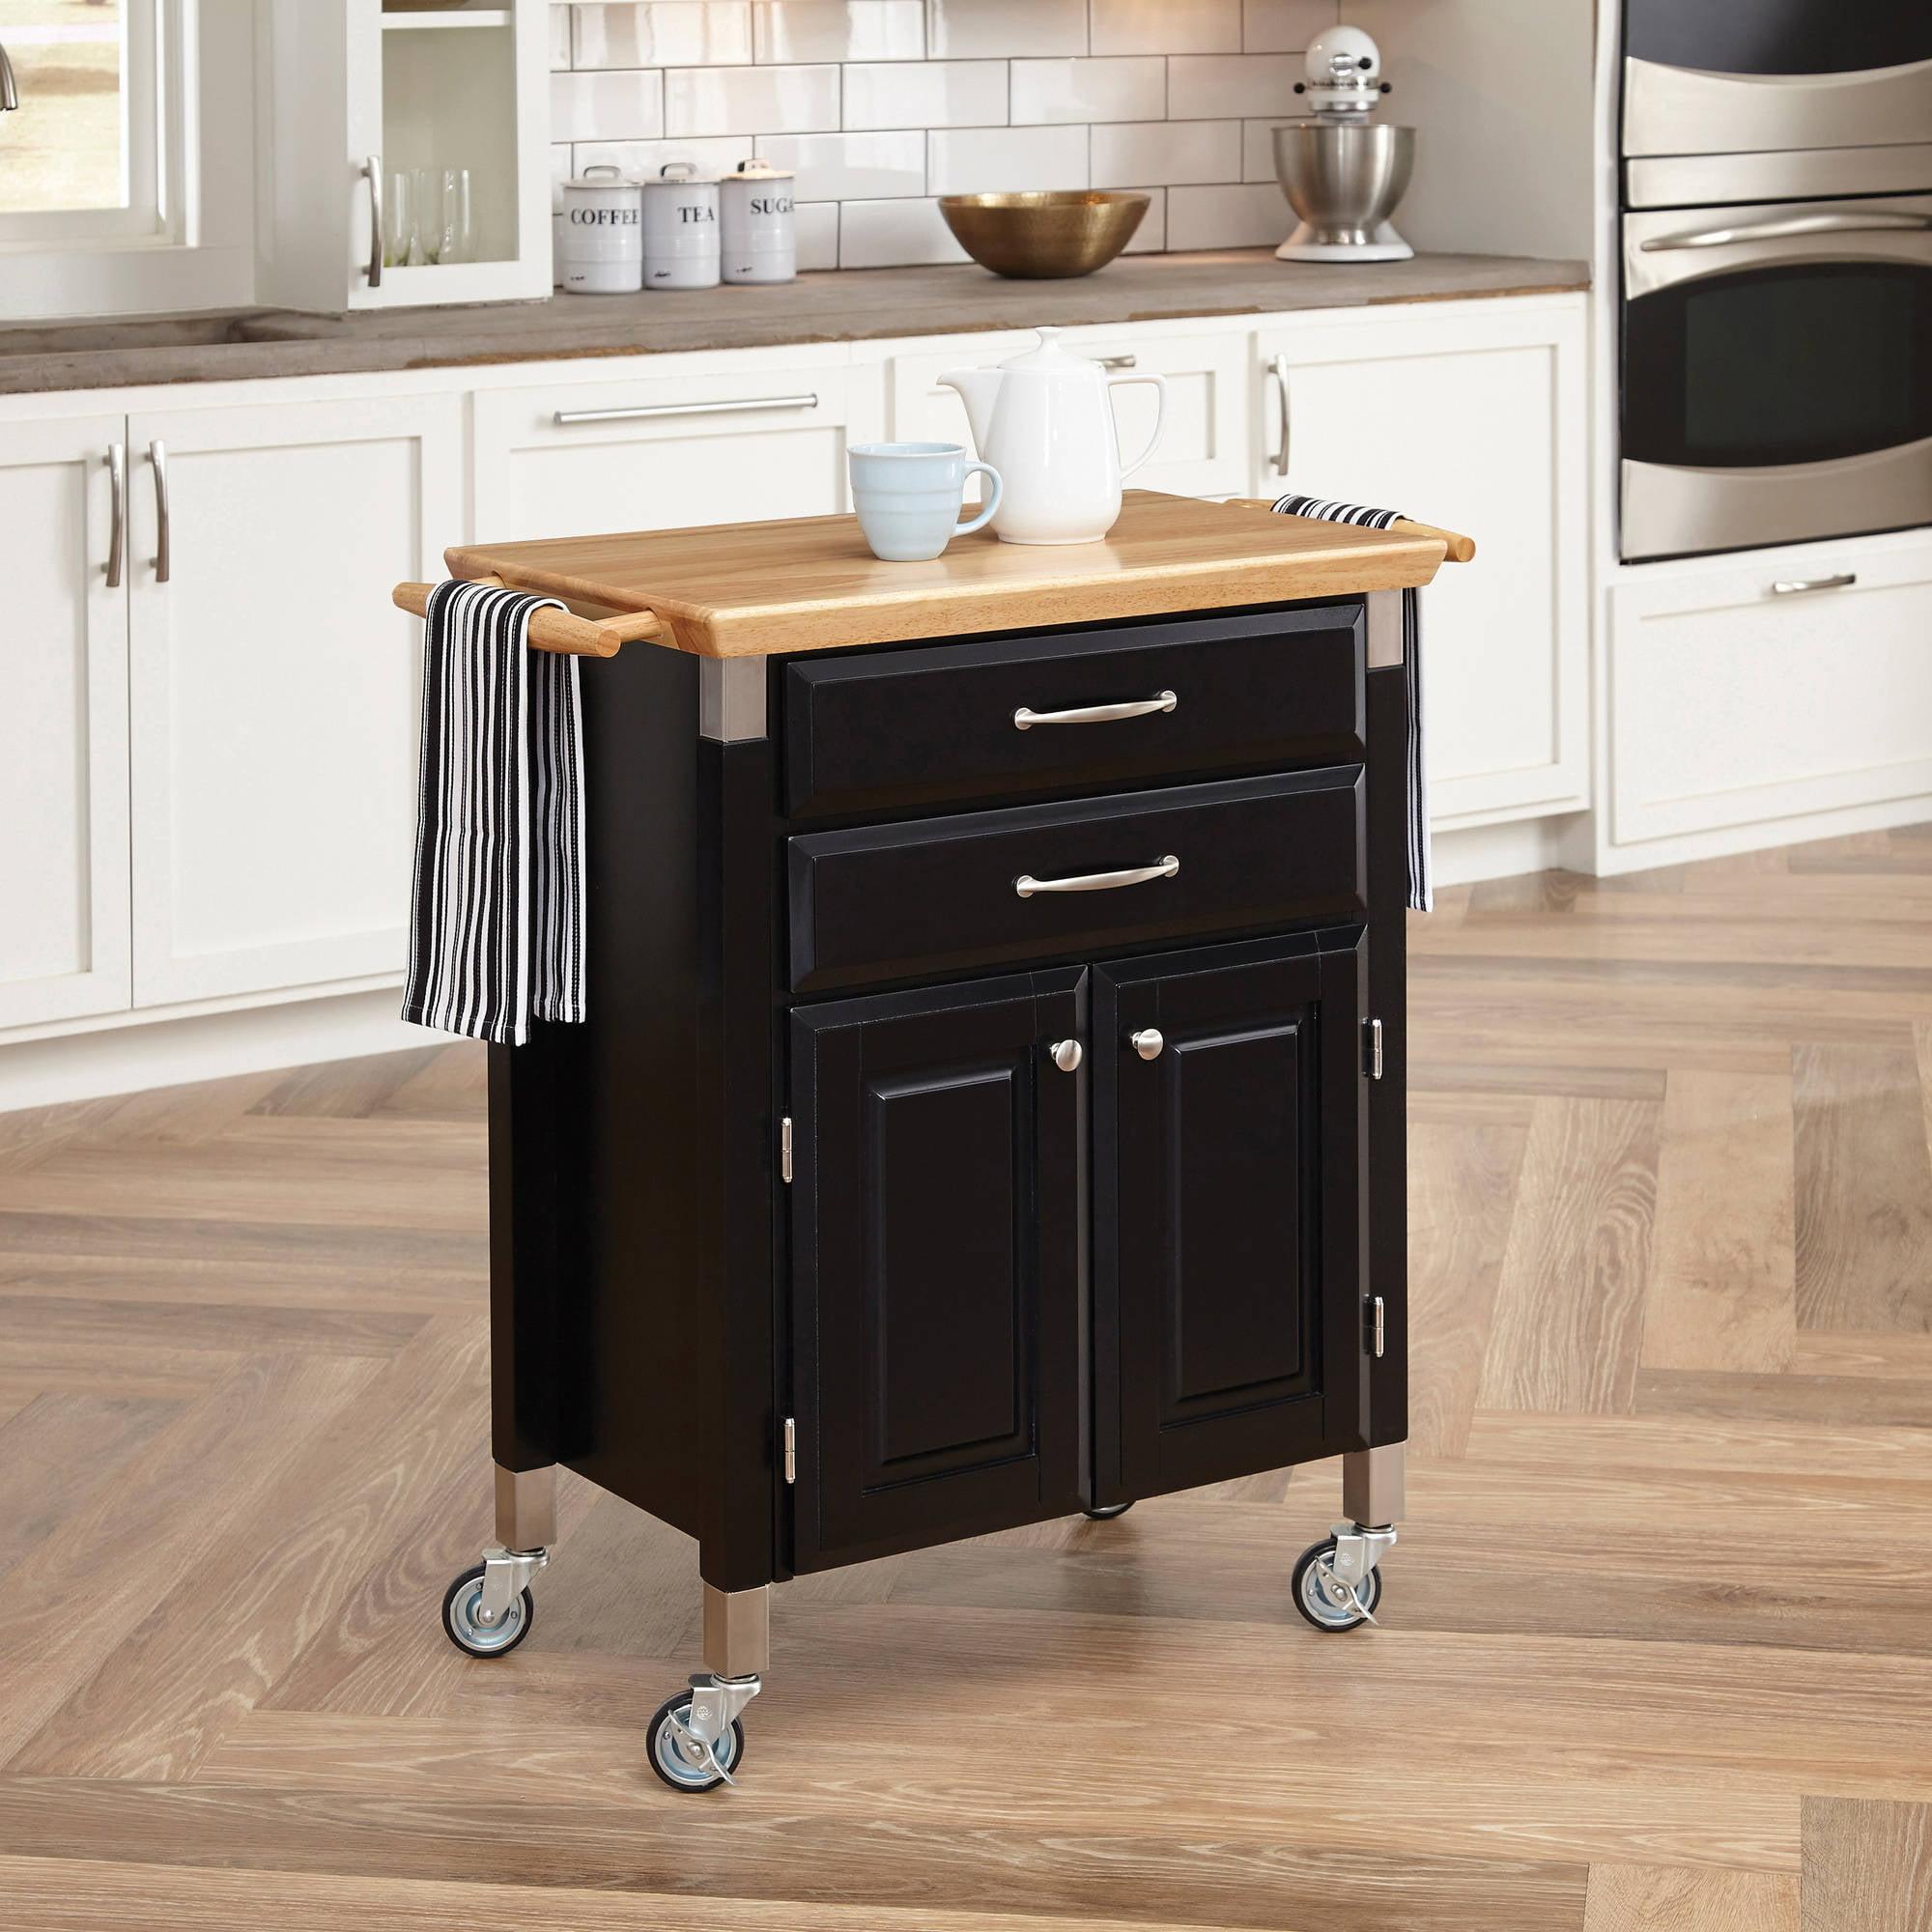 Kitchen cart metal - Kitchen Cart Metal 27